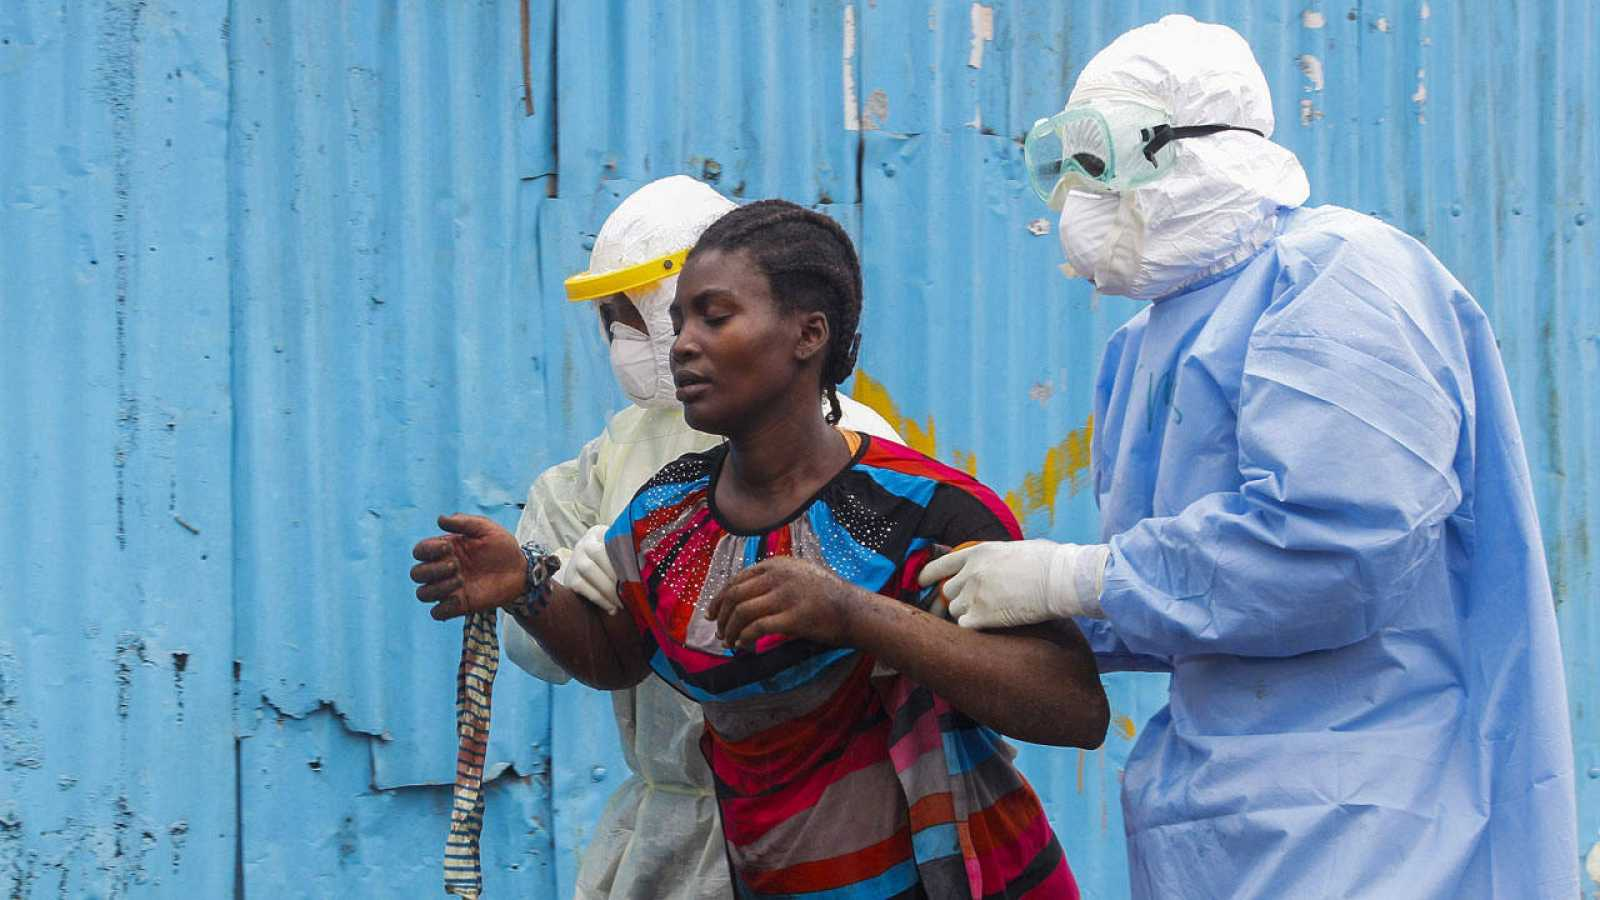 Unos enfermeros liberianos trasladan a una mujer supuestamente infectada de ébola en una foto de archivo.